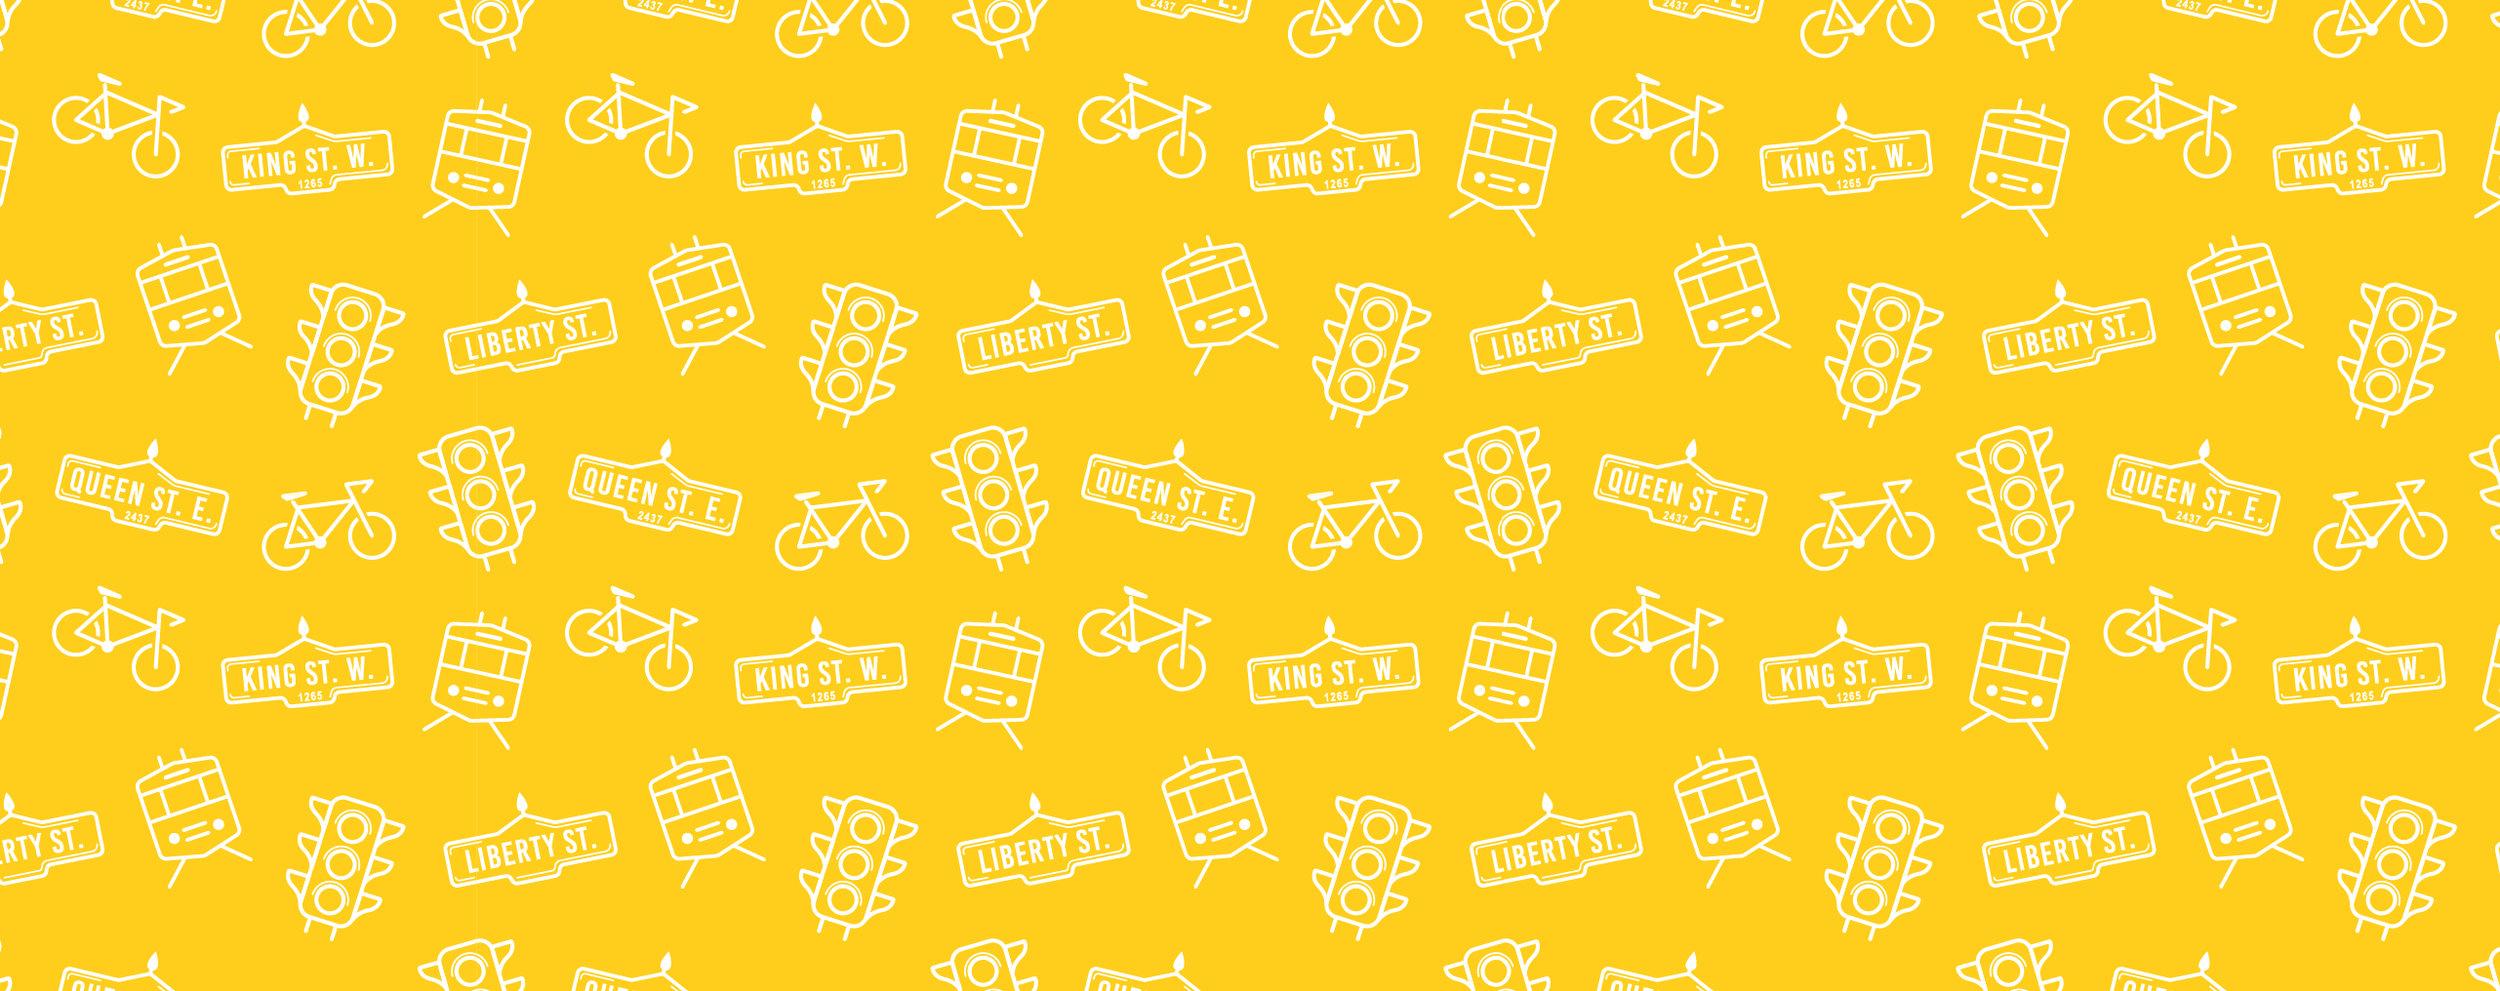 doriana-pattern-yellow-100.jpg